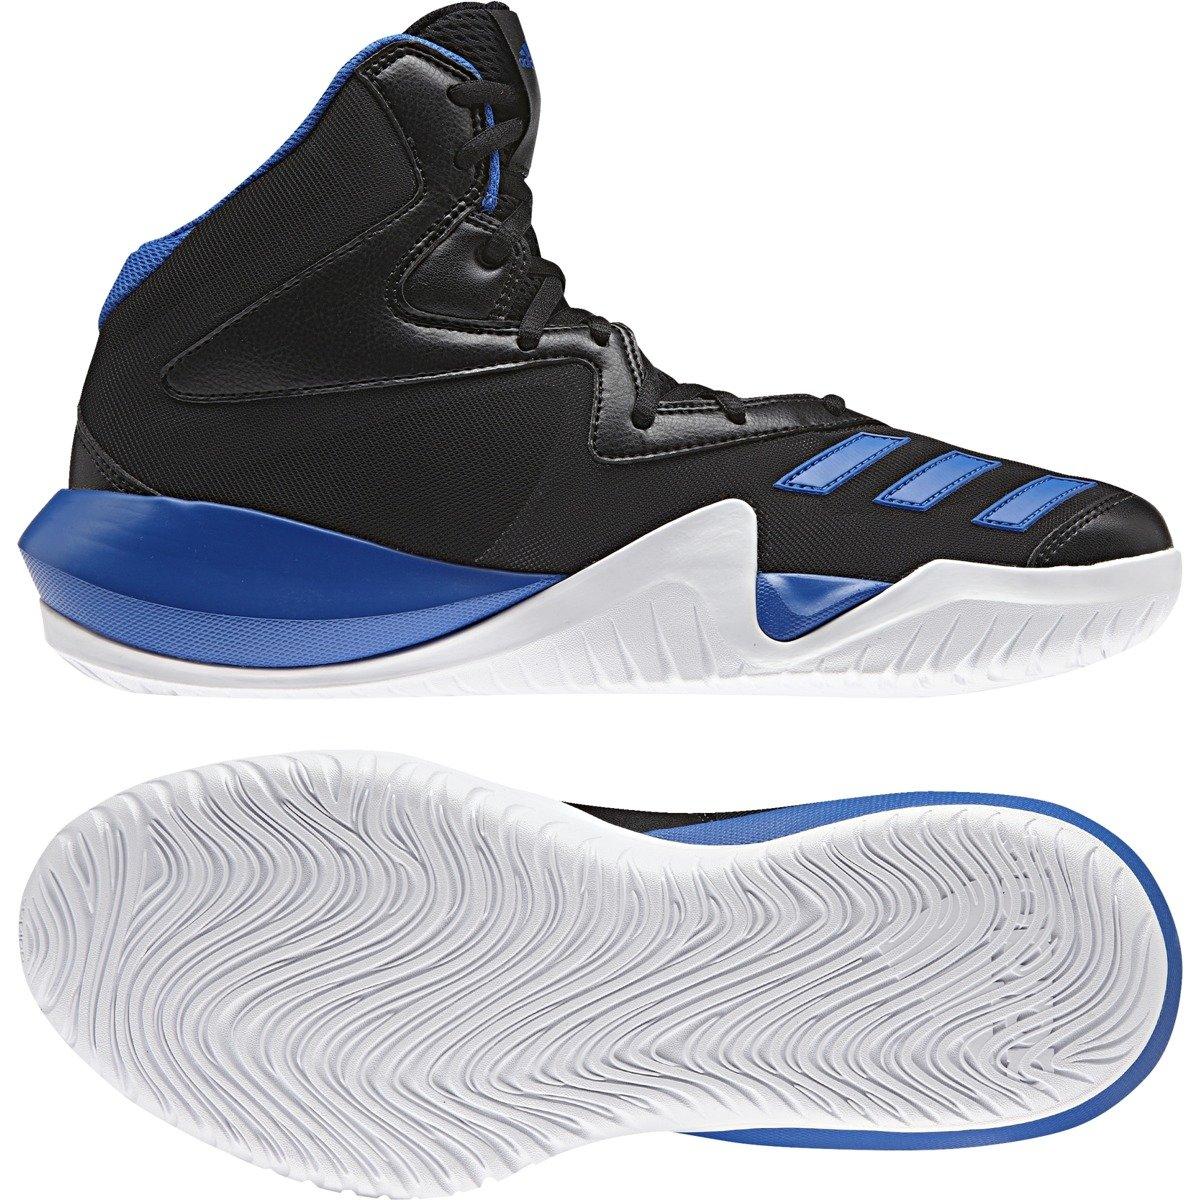 Adidas Crazy Team 2017 basketbalové boty - BB8253 niebiesko-czarne ... 8bfcfa92e1